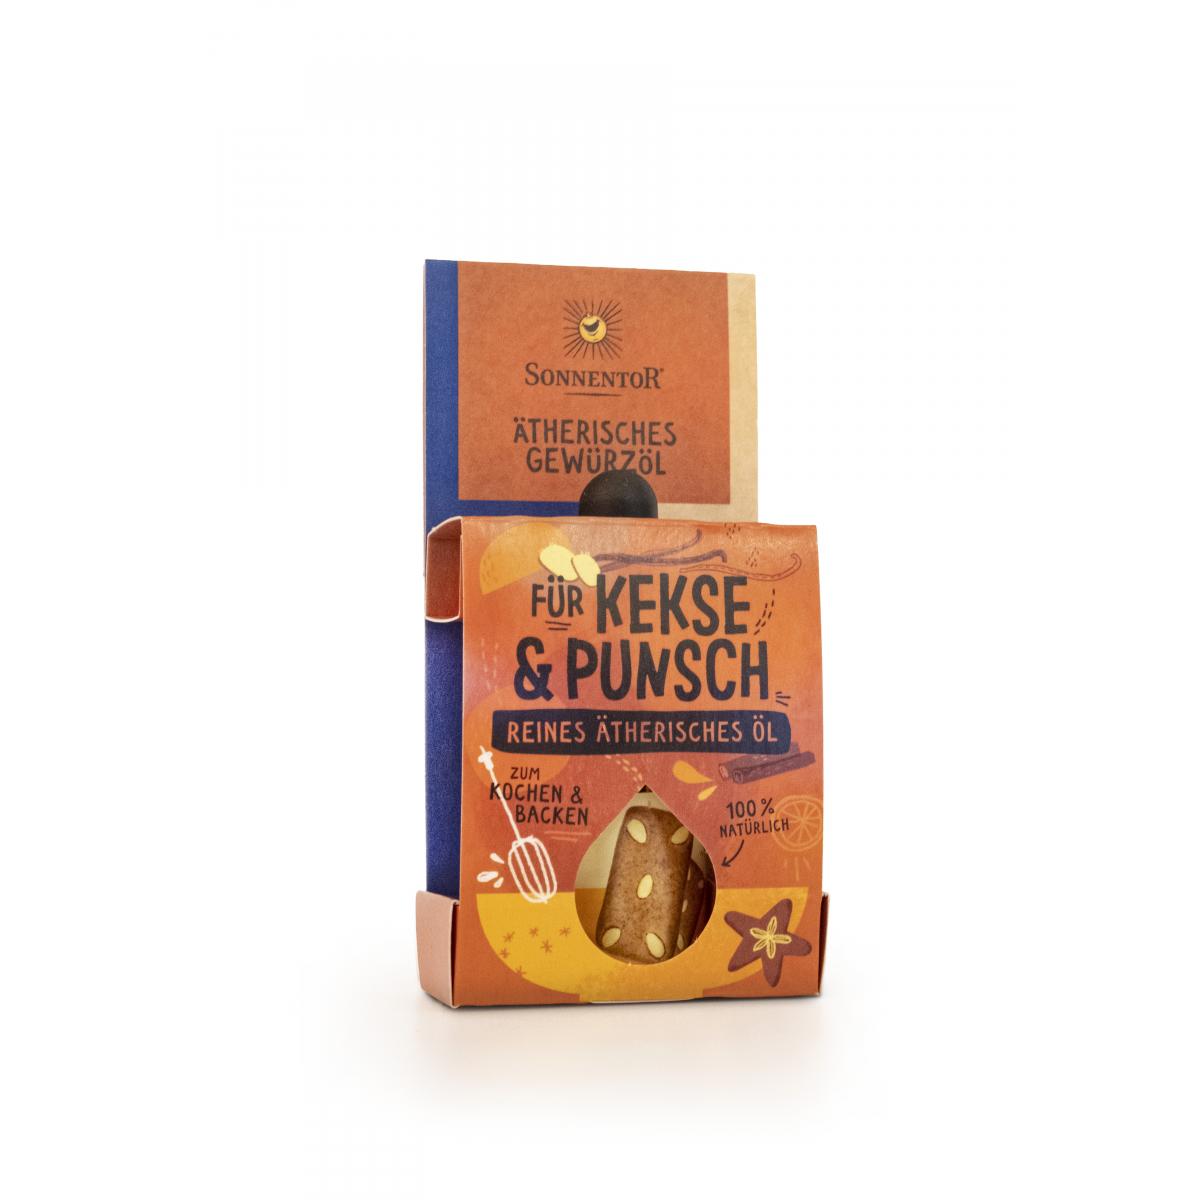 Kekse und Punsch ätherisches Gewürzöl bio 4,5 ml